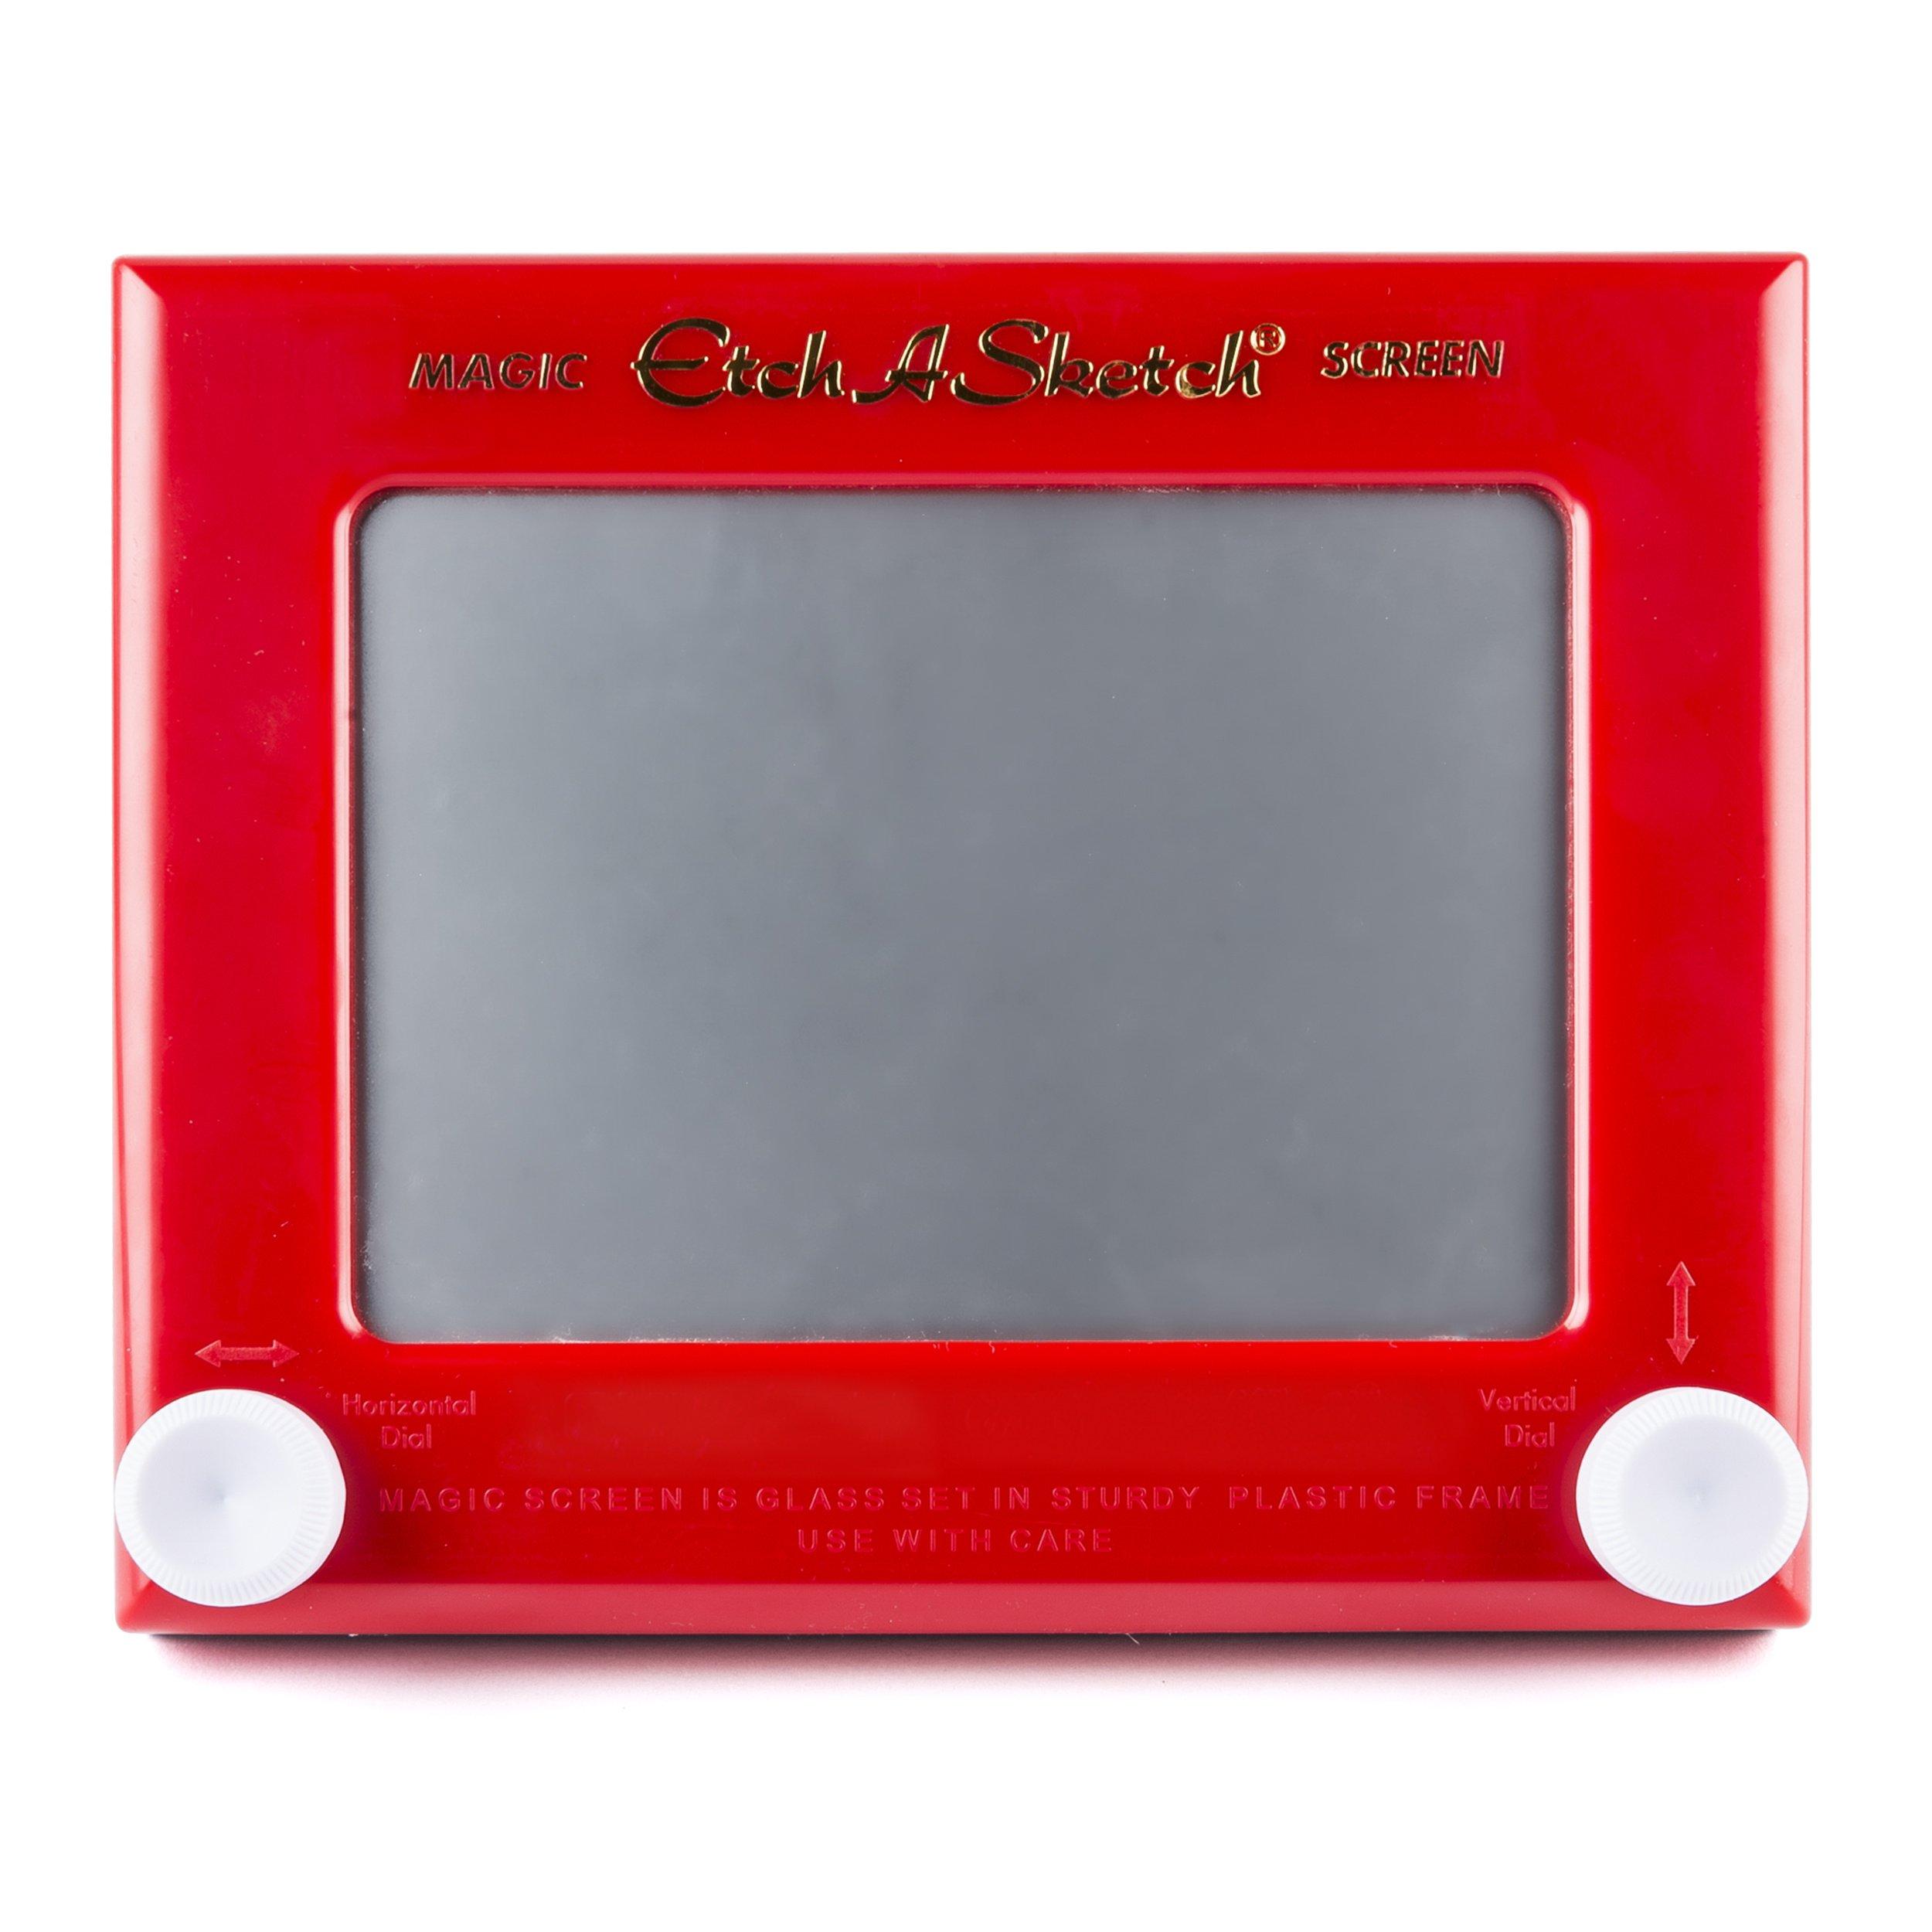 Etch A Sketch - Classic - Red